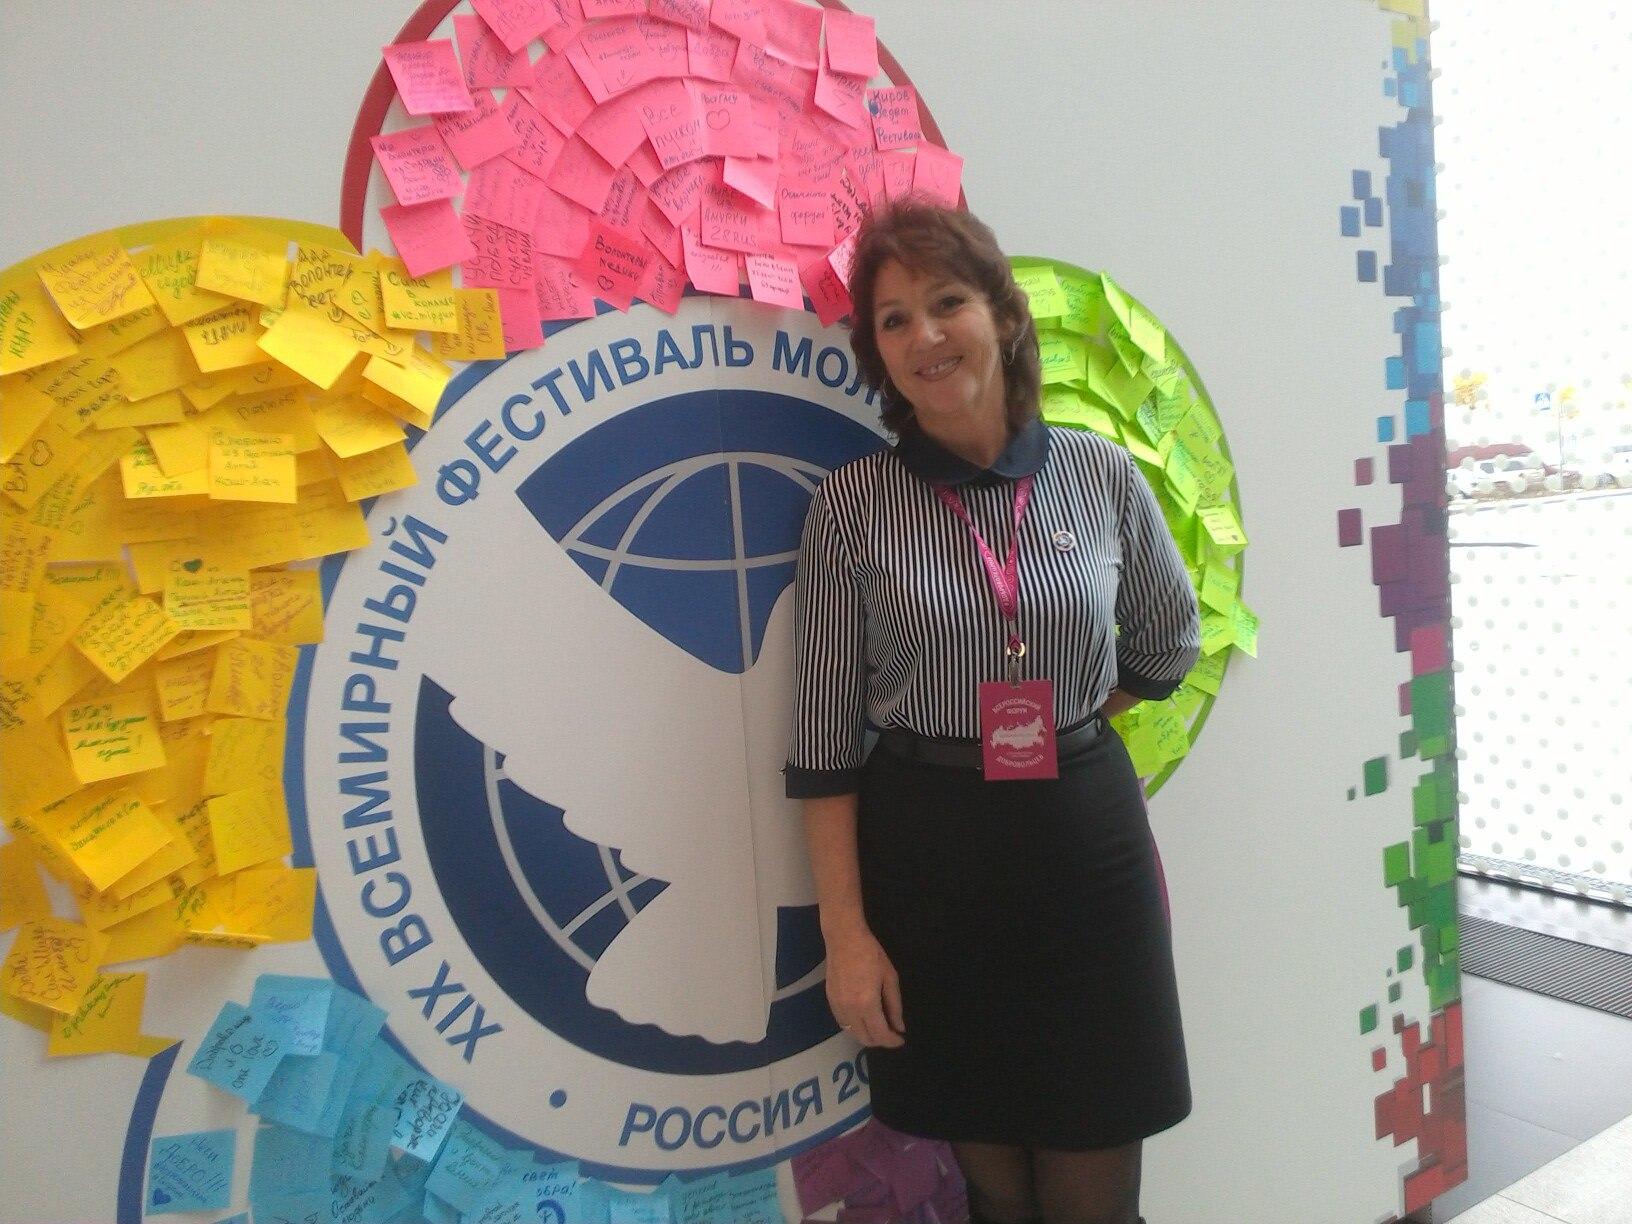 Состоялась презентация XIX Всемирного фестиваля молодежи и студентов